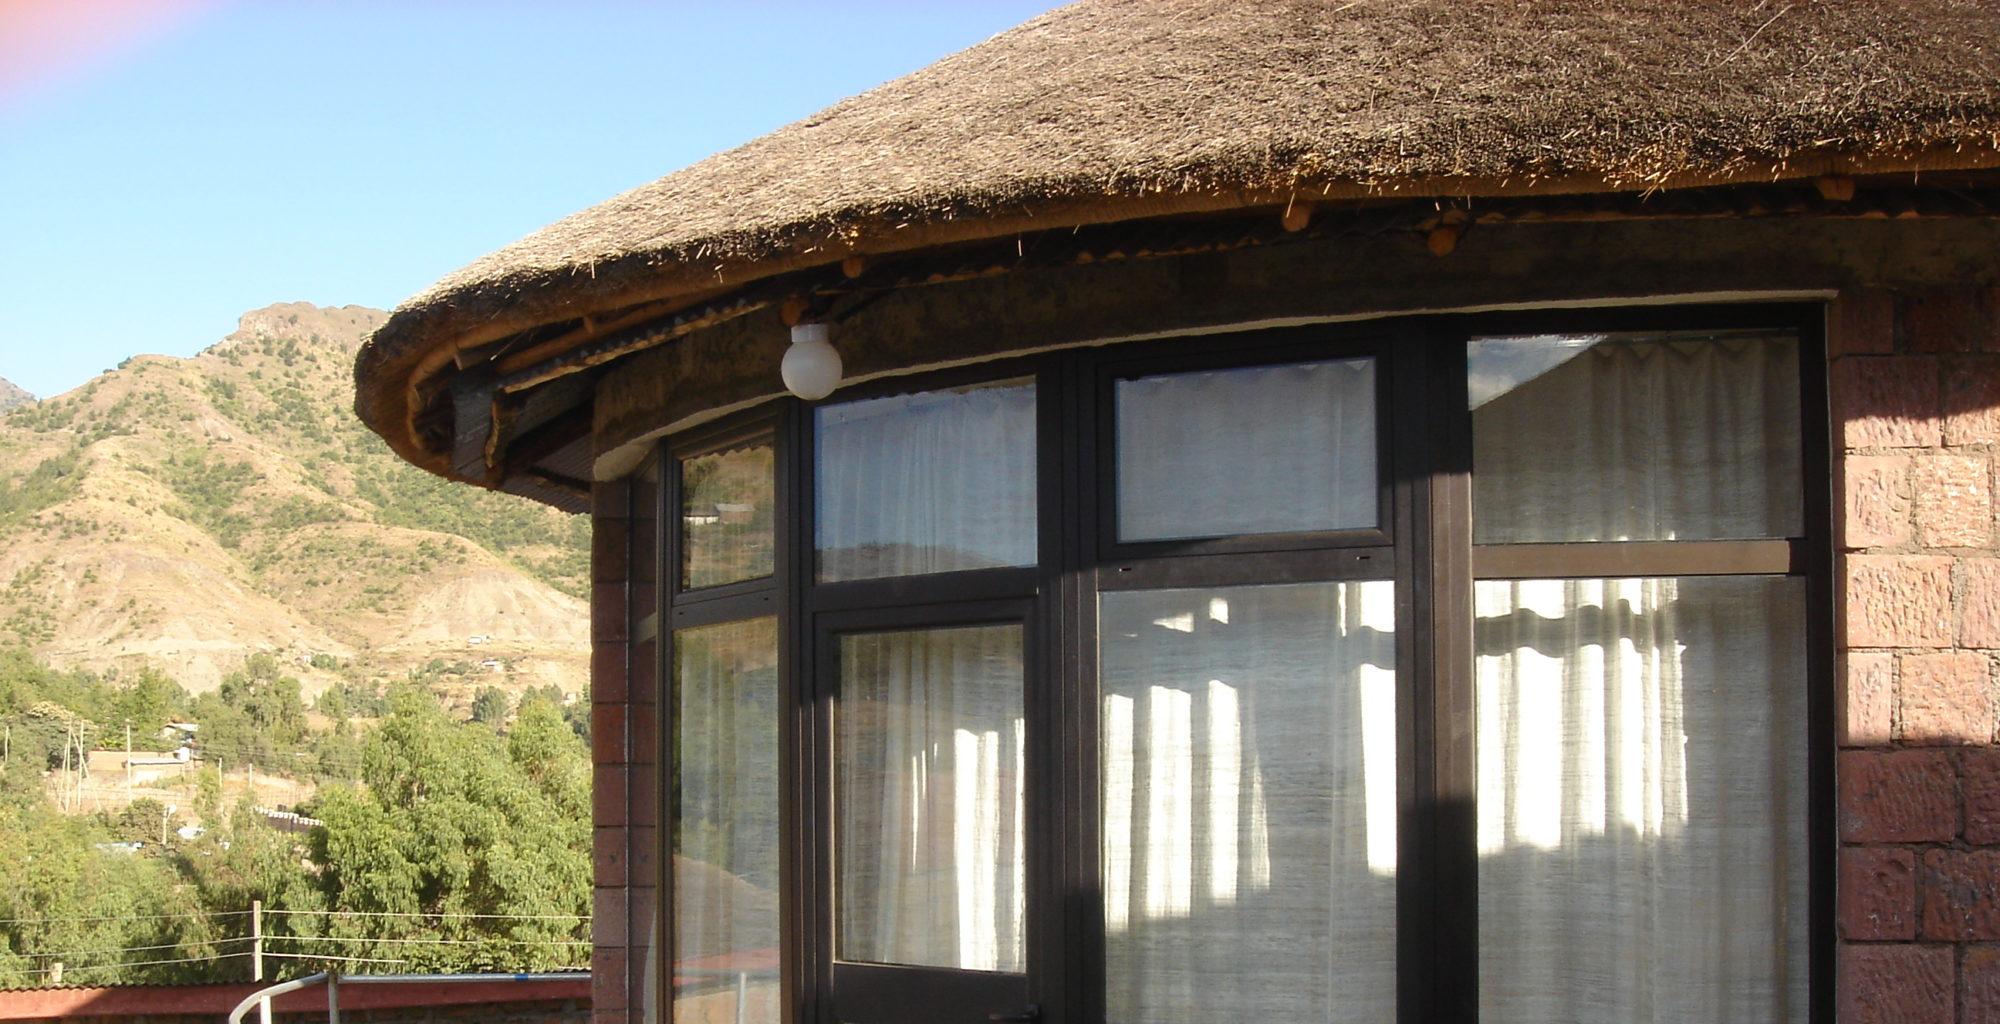 Ethiopia-Tukul-Village-Closed-Curtain